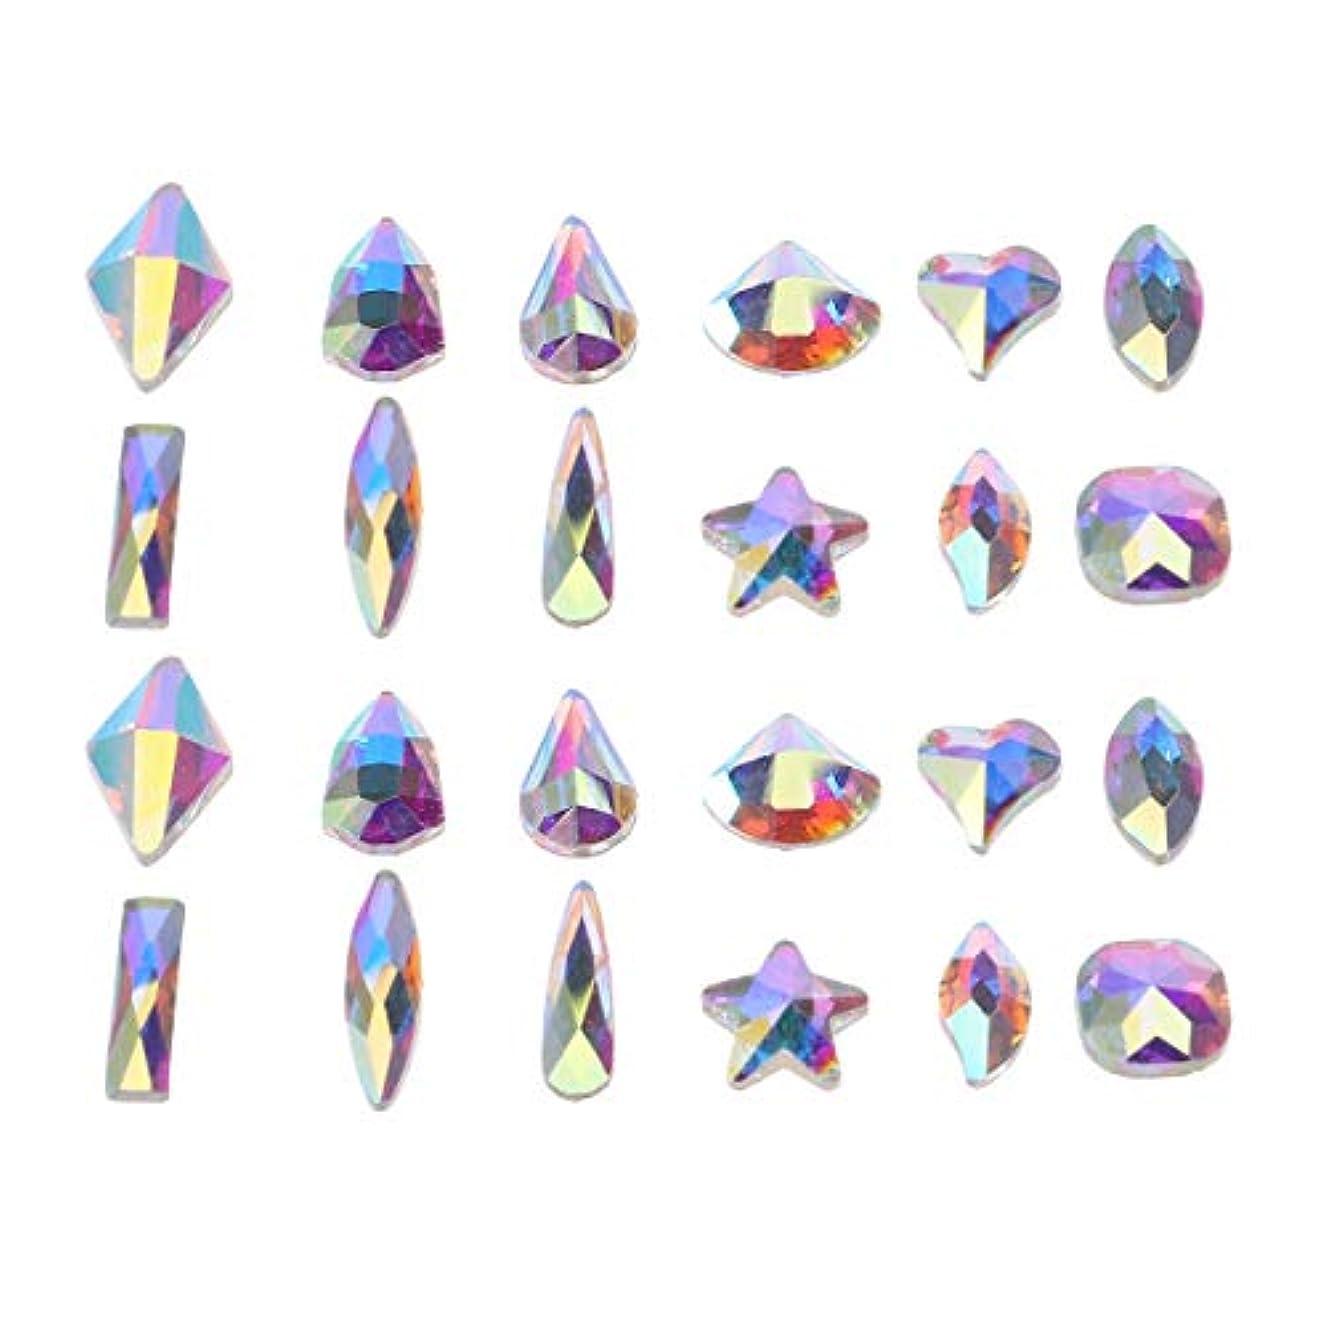 勇気うつ入浴Lurrose 240ピースアクリルネイルアートネイルアートラインストーンキット用diyネイルアート用品アクセサリー